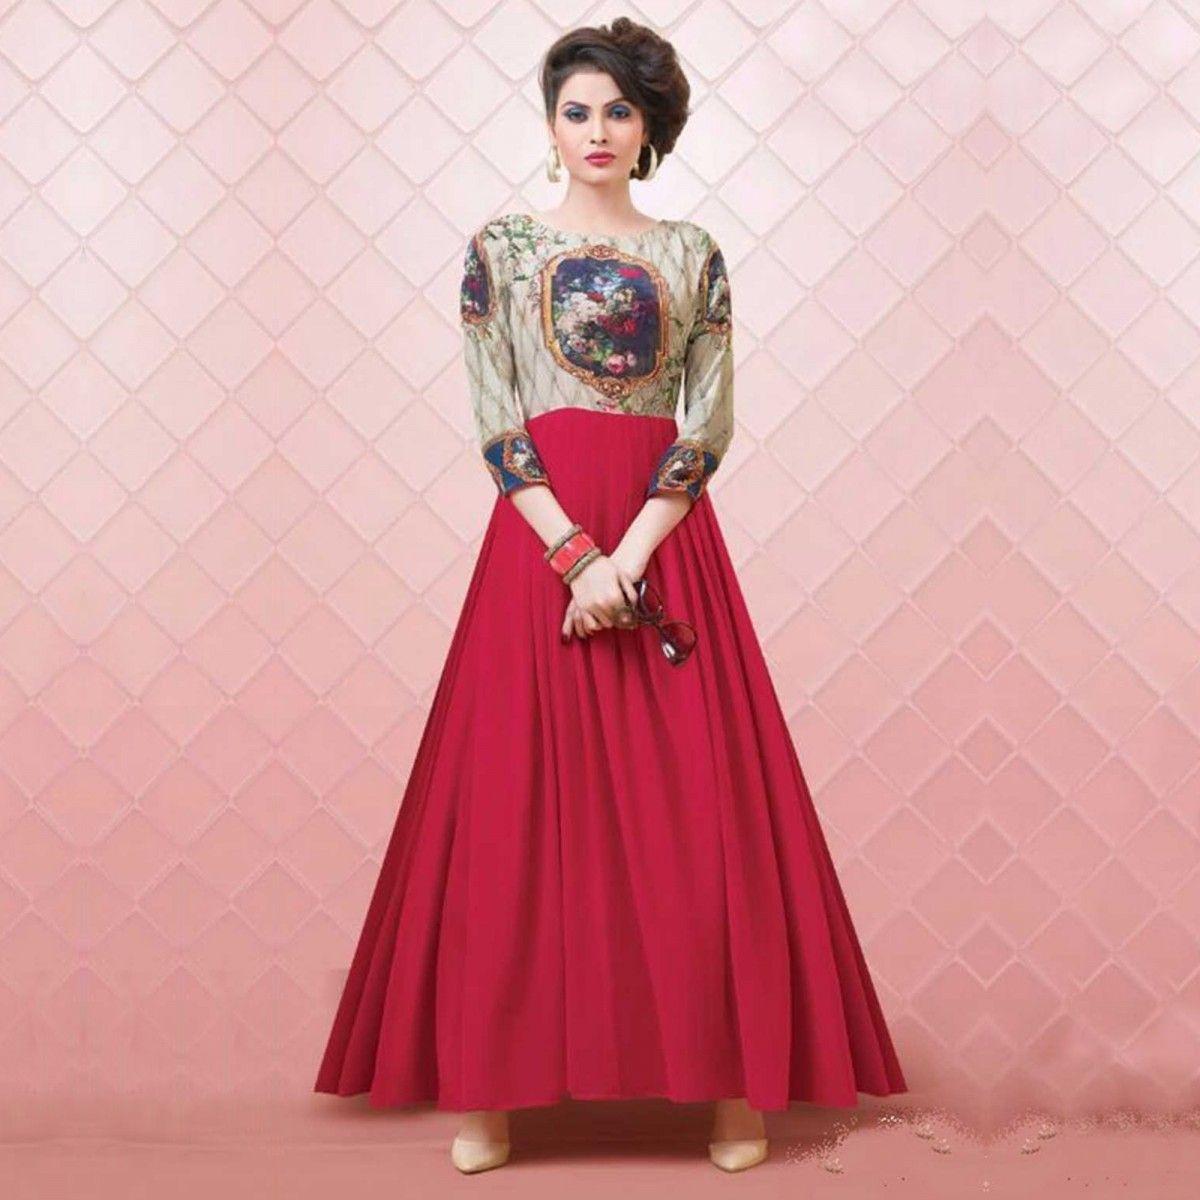 Atractivo Vestidos De Fiesta India Compras En Línea Festooning ...